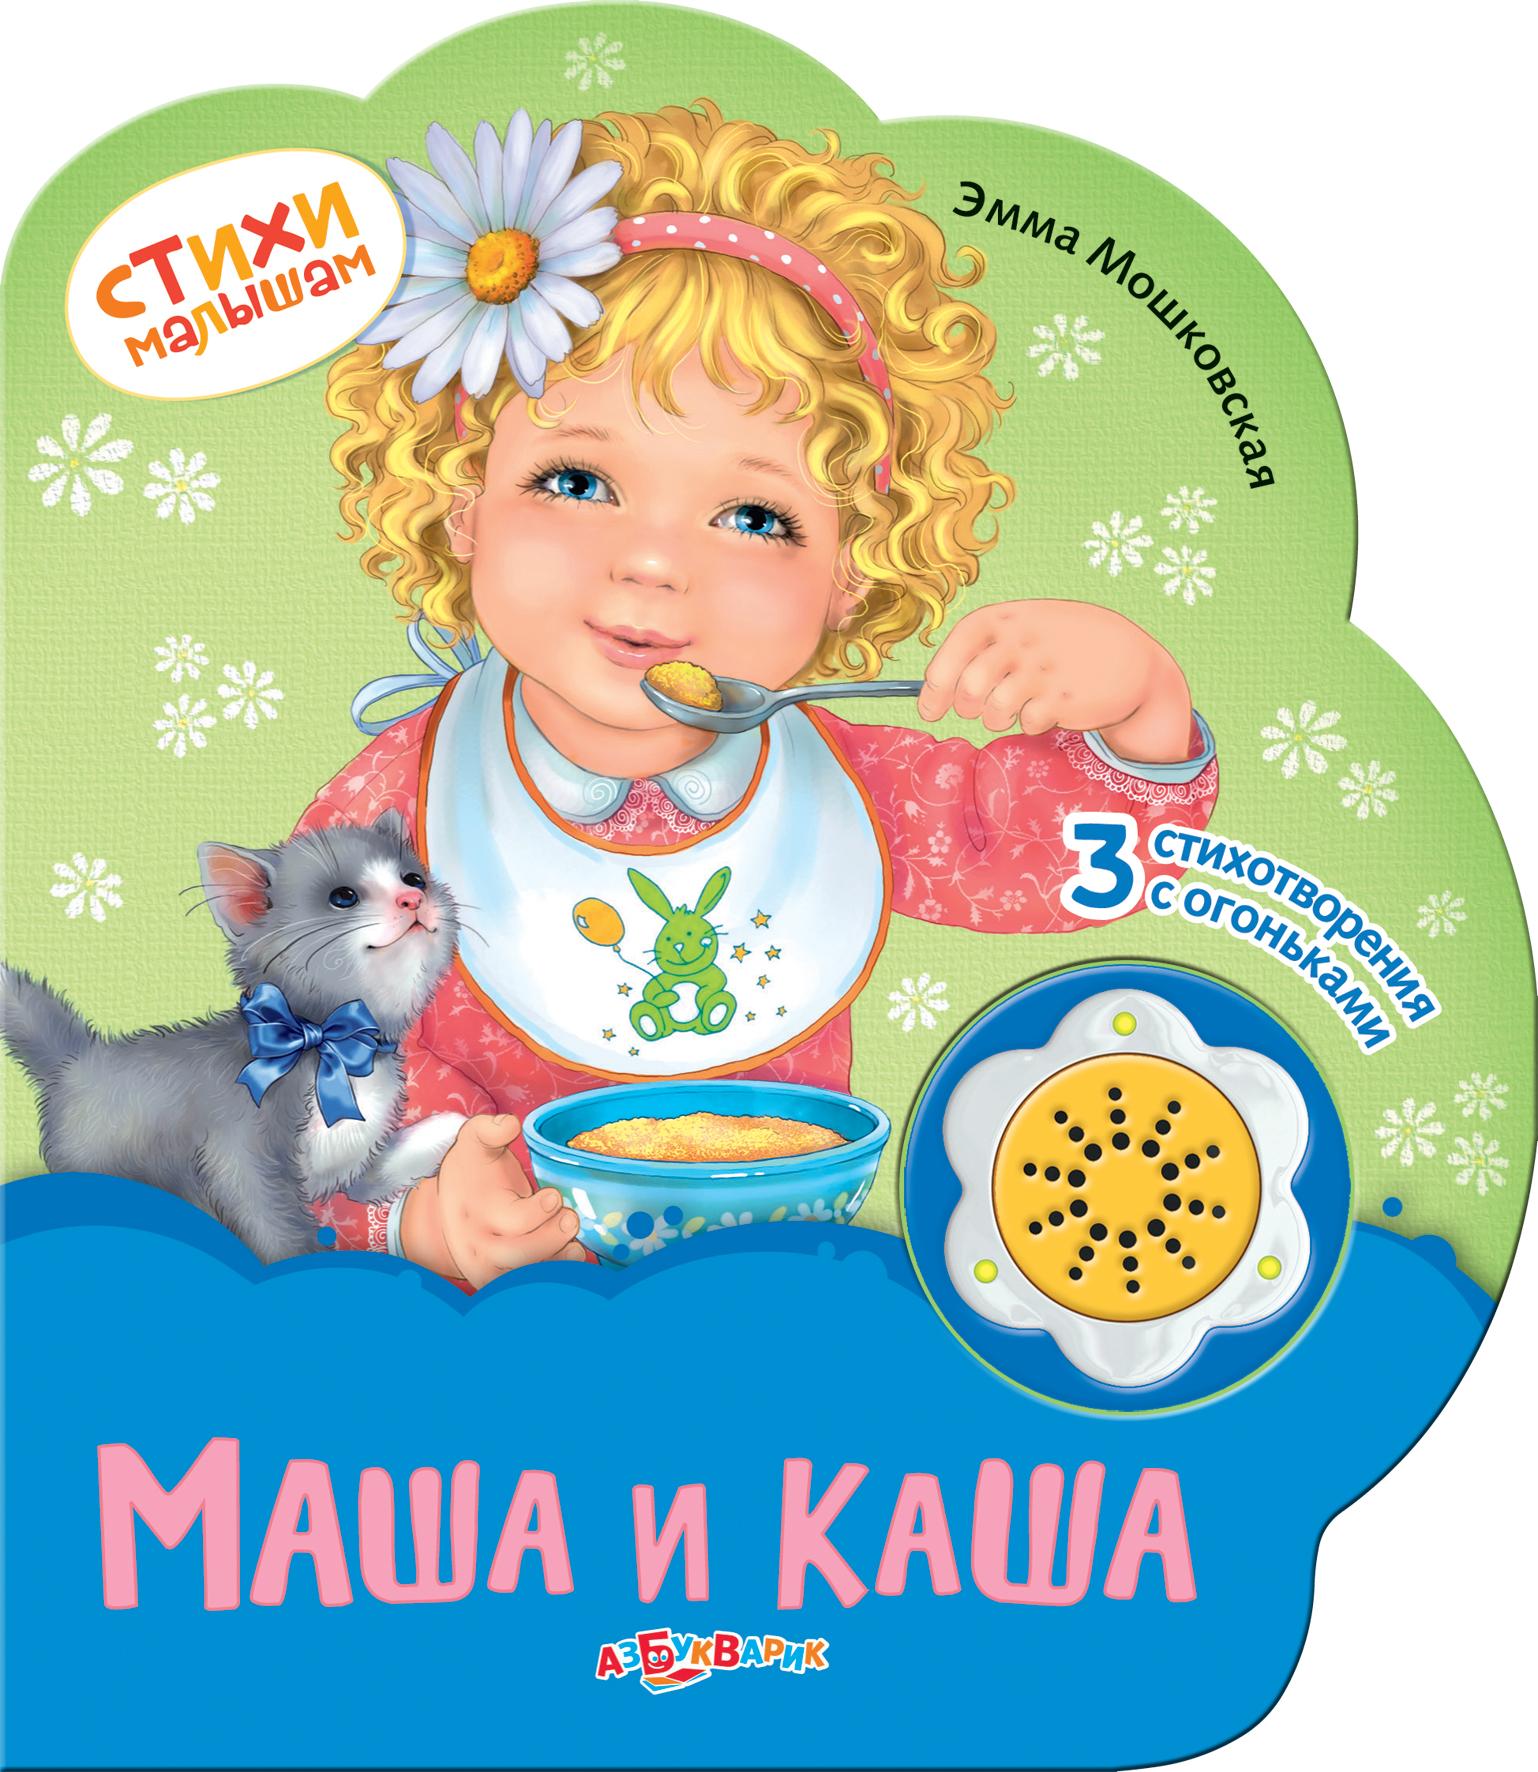 Книга - Стихи малышам - Маша и КашаДетские сказки - нажми и послушай<br>Книга - Стихи малышам - Маша и Каша<br>